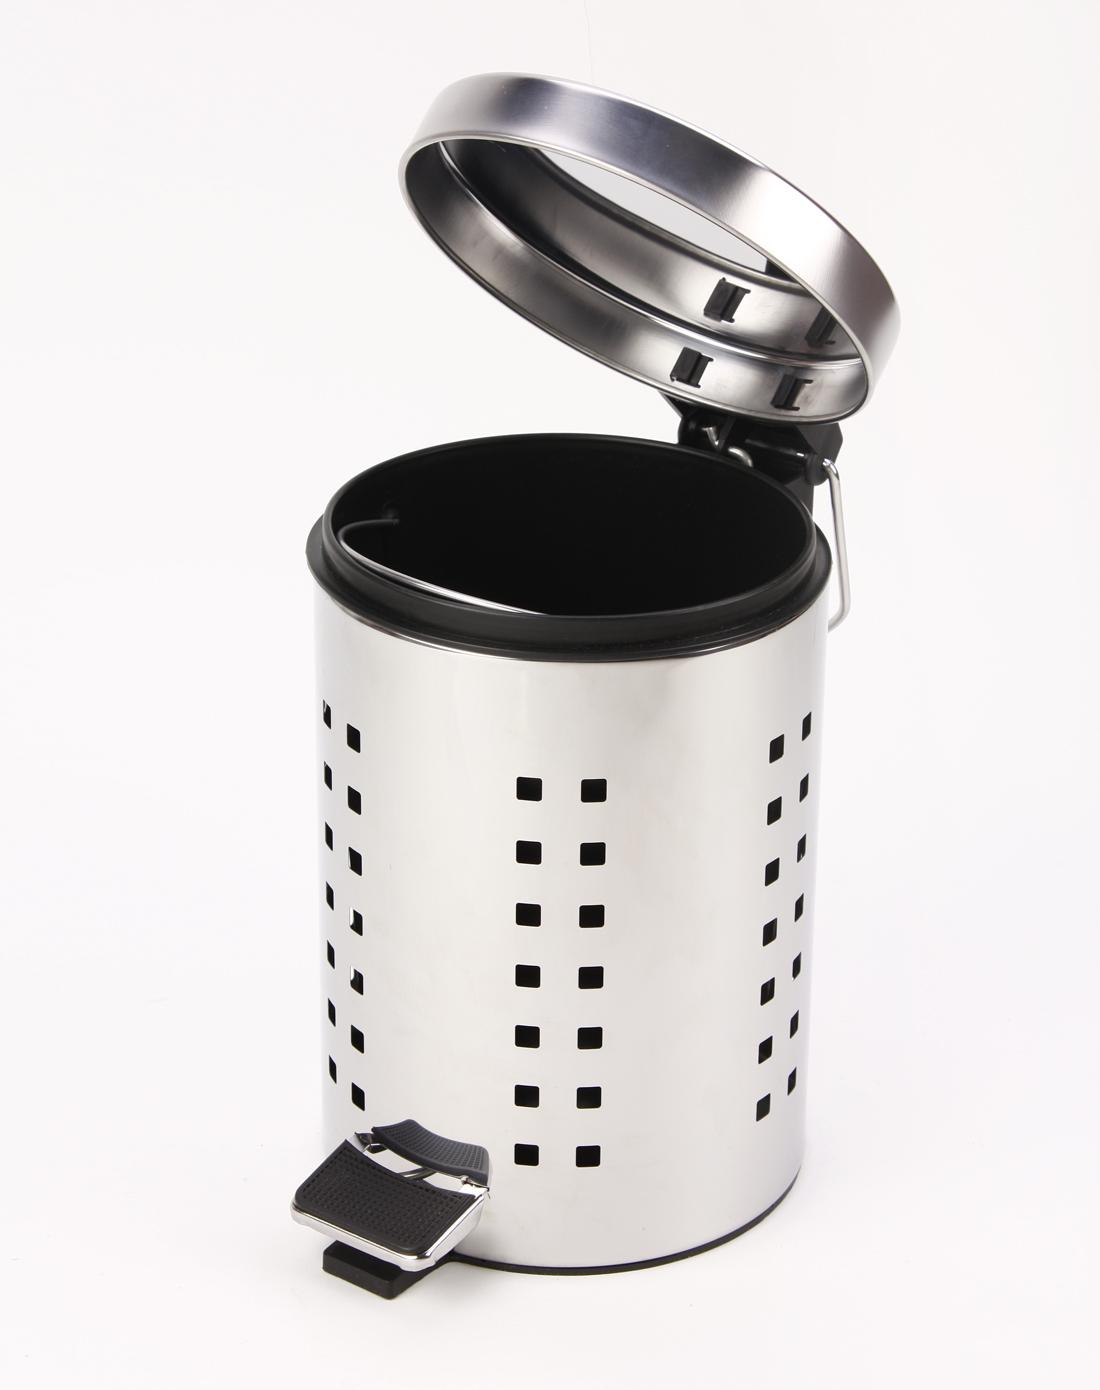 日光生活hikari不锈钢垃圾桶-3lh707